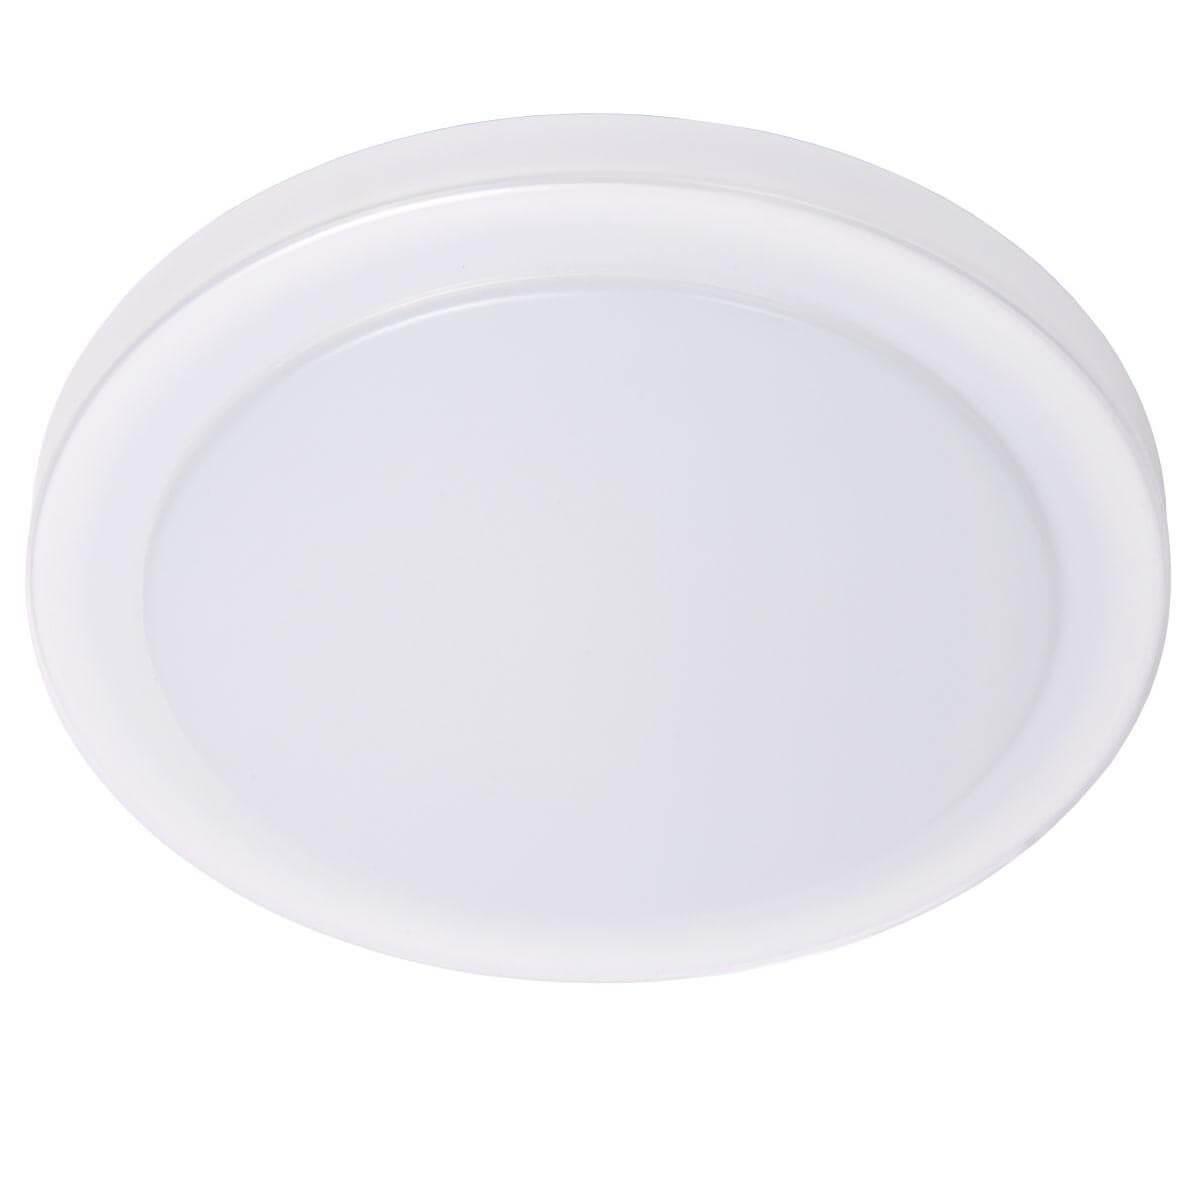 Потолочный светодиодный светильник Lucide Run 79165/18/61